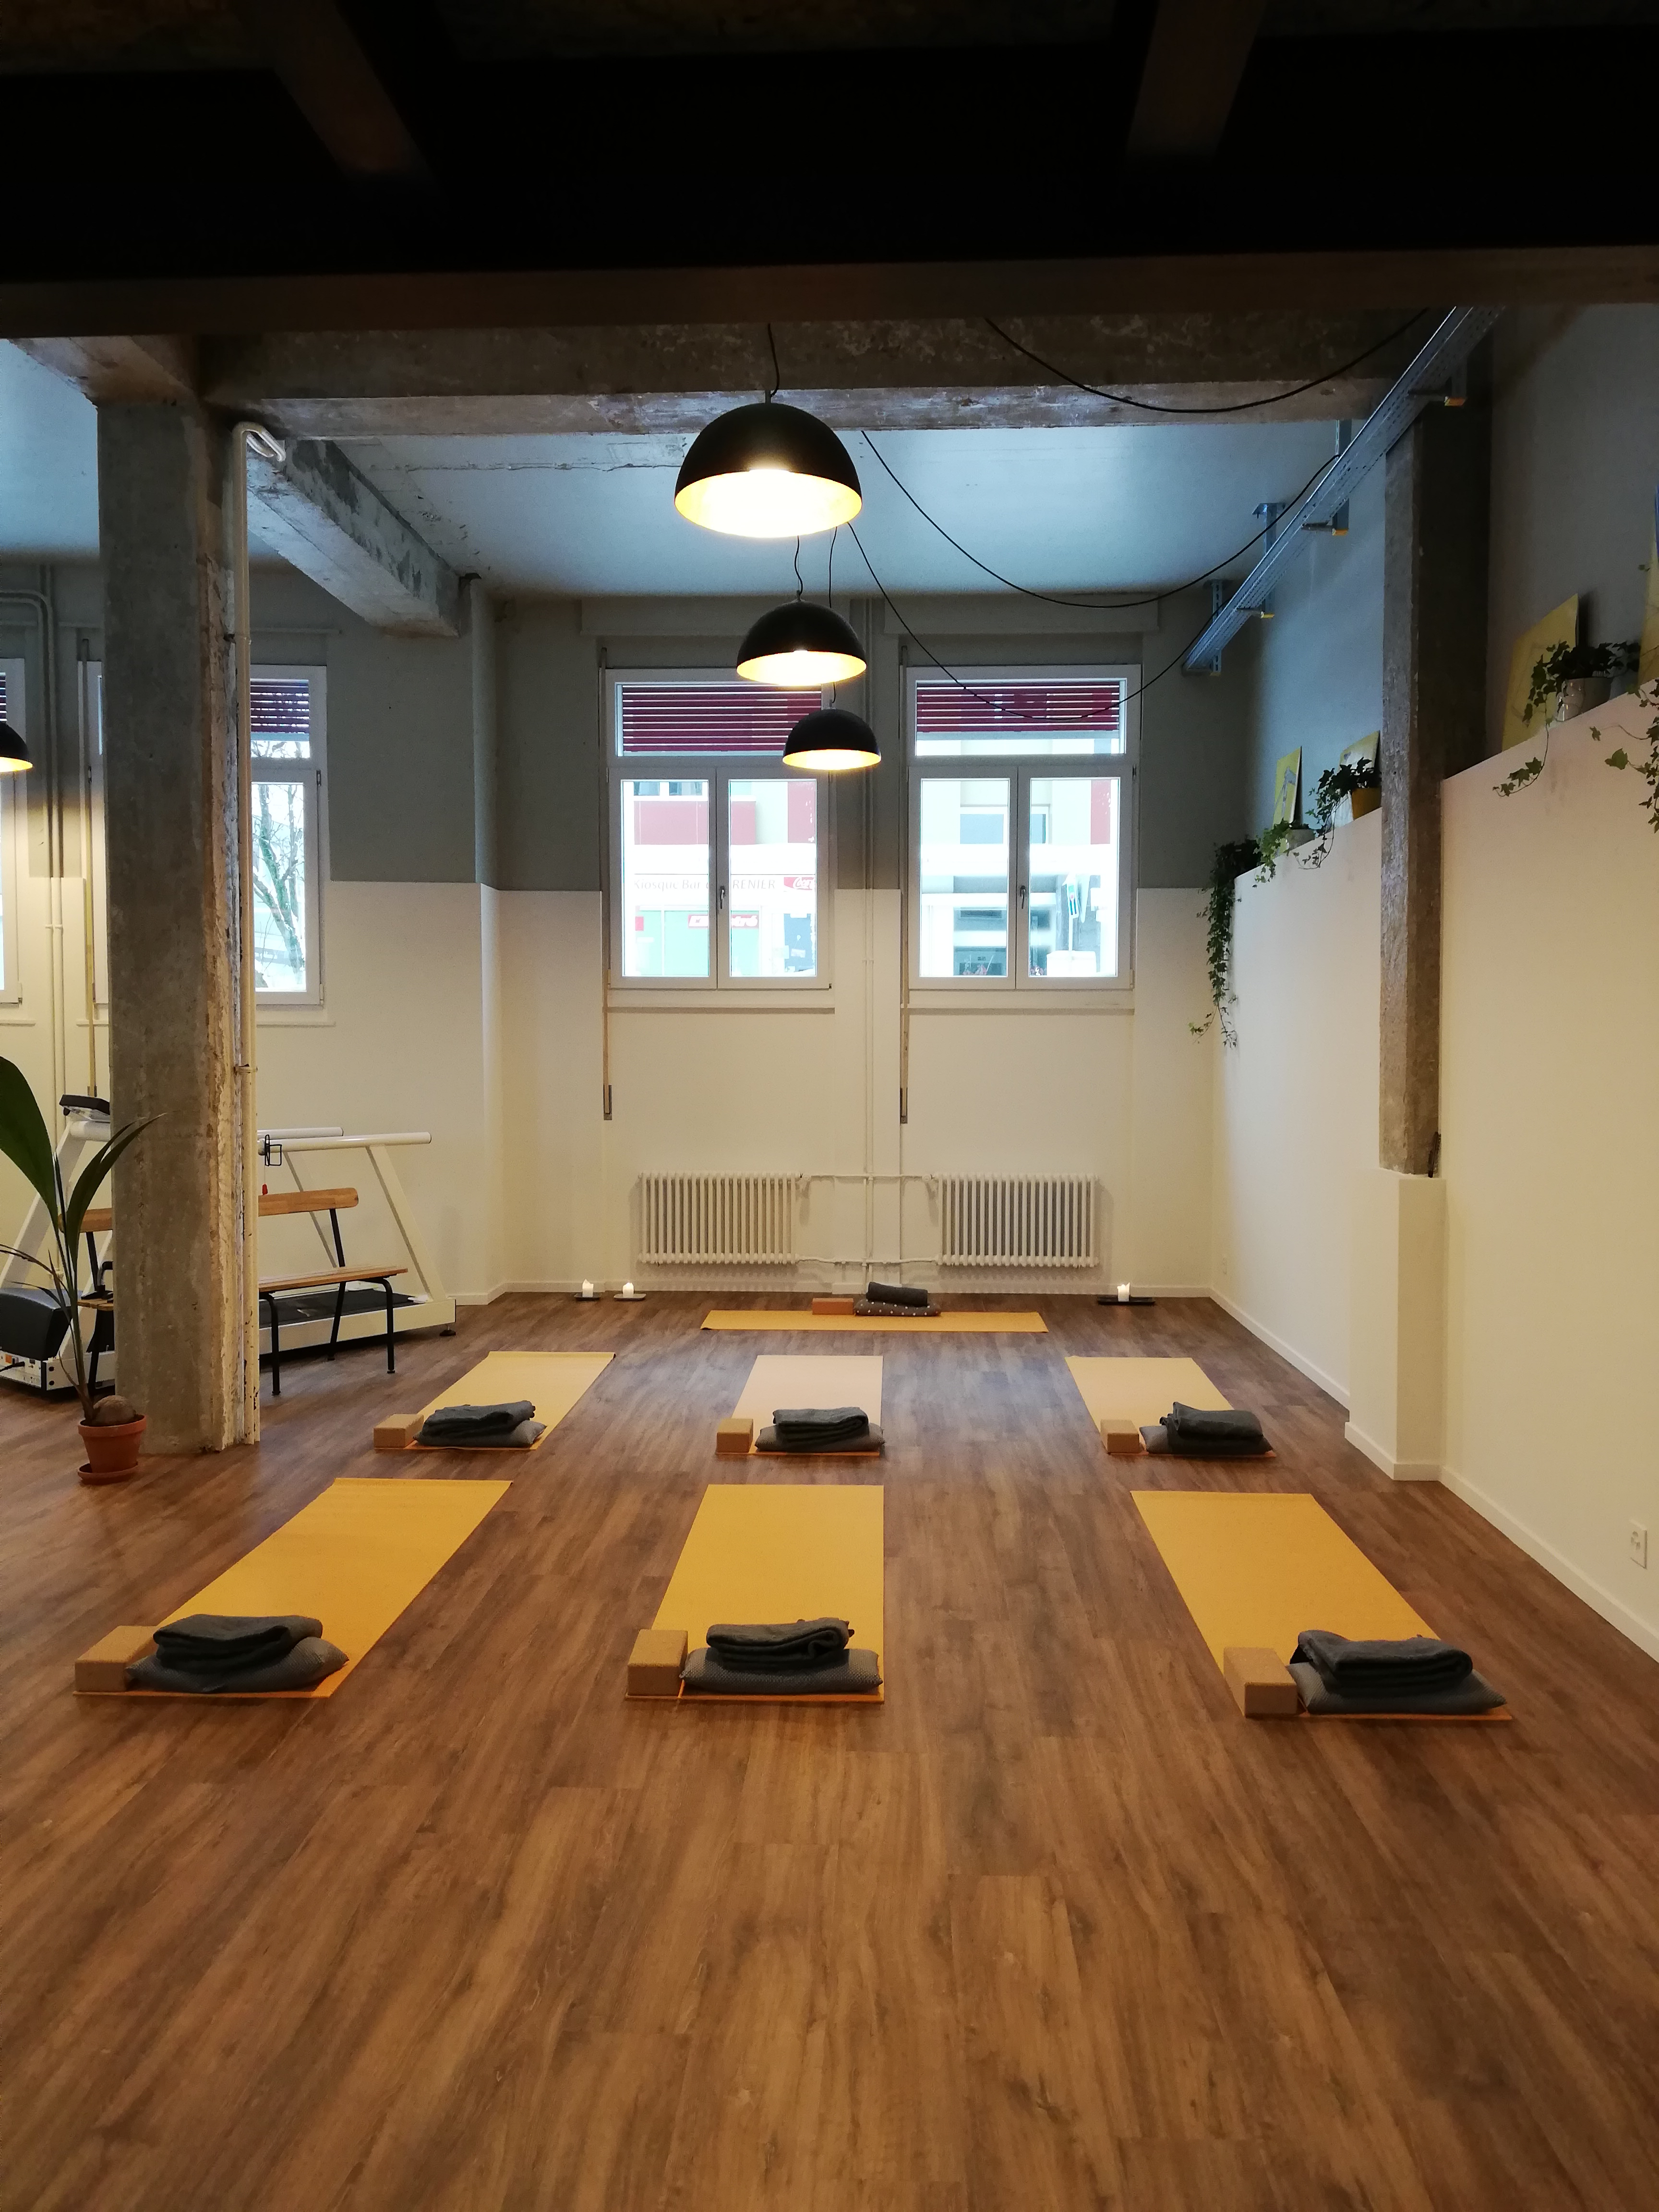 Salle La Chaux-de-Fonds hatha yoga